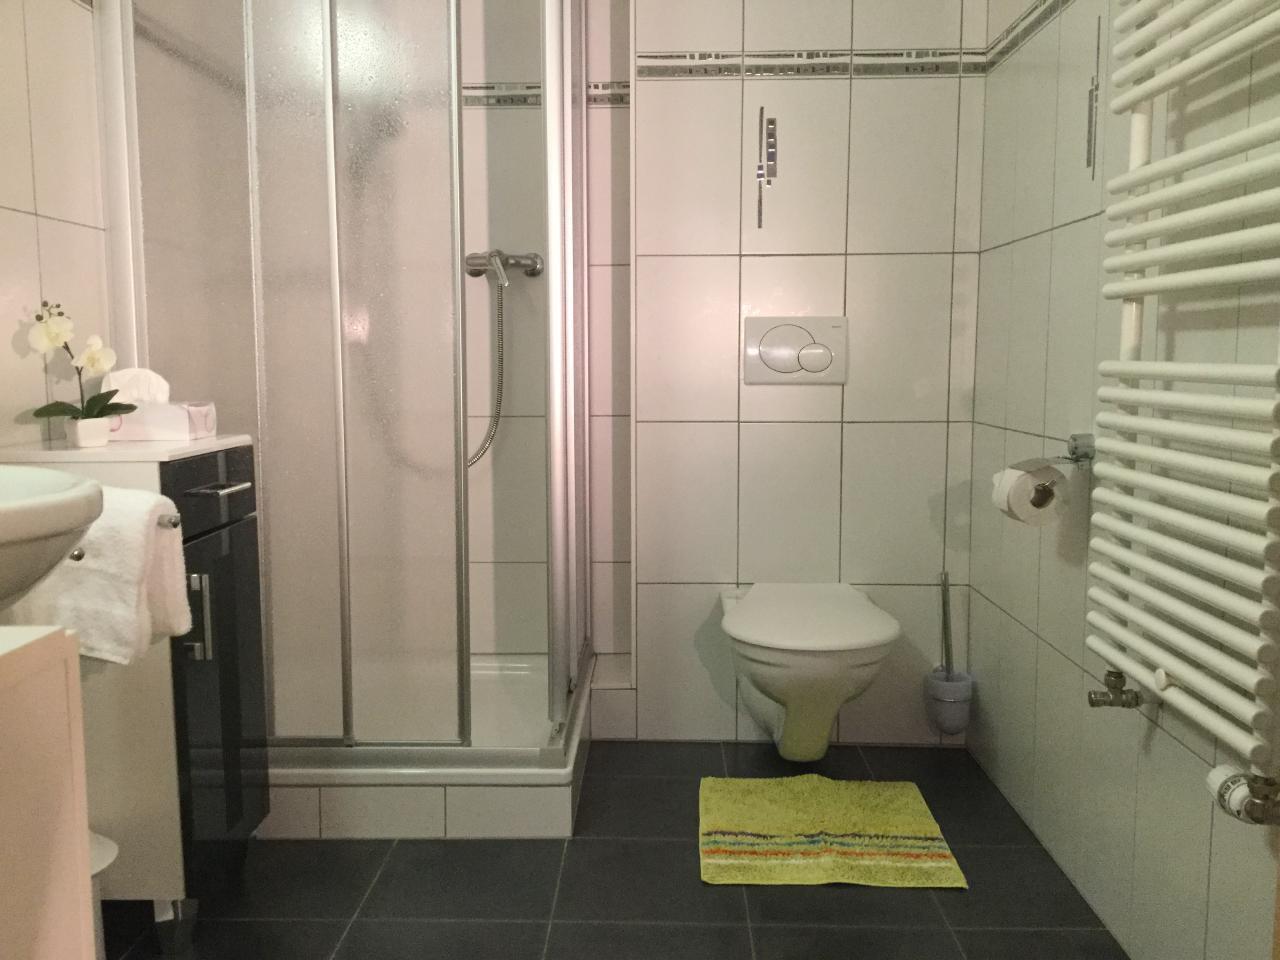 Ferienwohnung für 2 - 5 Personen mit zwei getrennten Schlafzimmern (692149), Saas Almagell, Saastal, Wallis, Schweiz, Bild 15